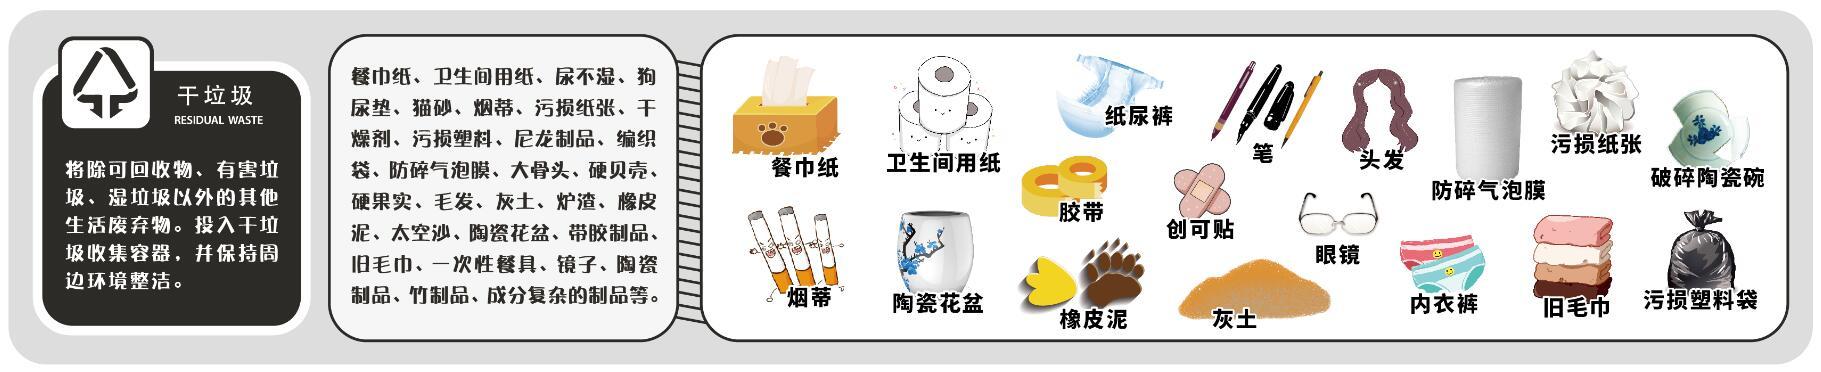 garbage-sorting-new-03-019f09.jpg